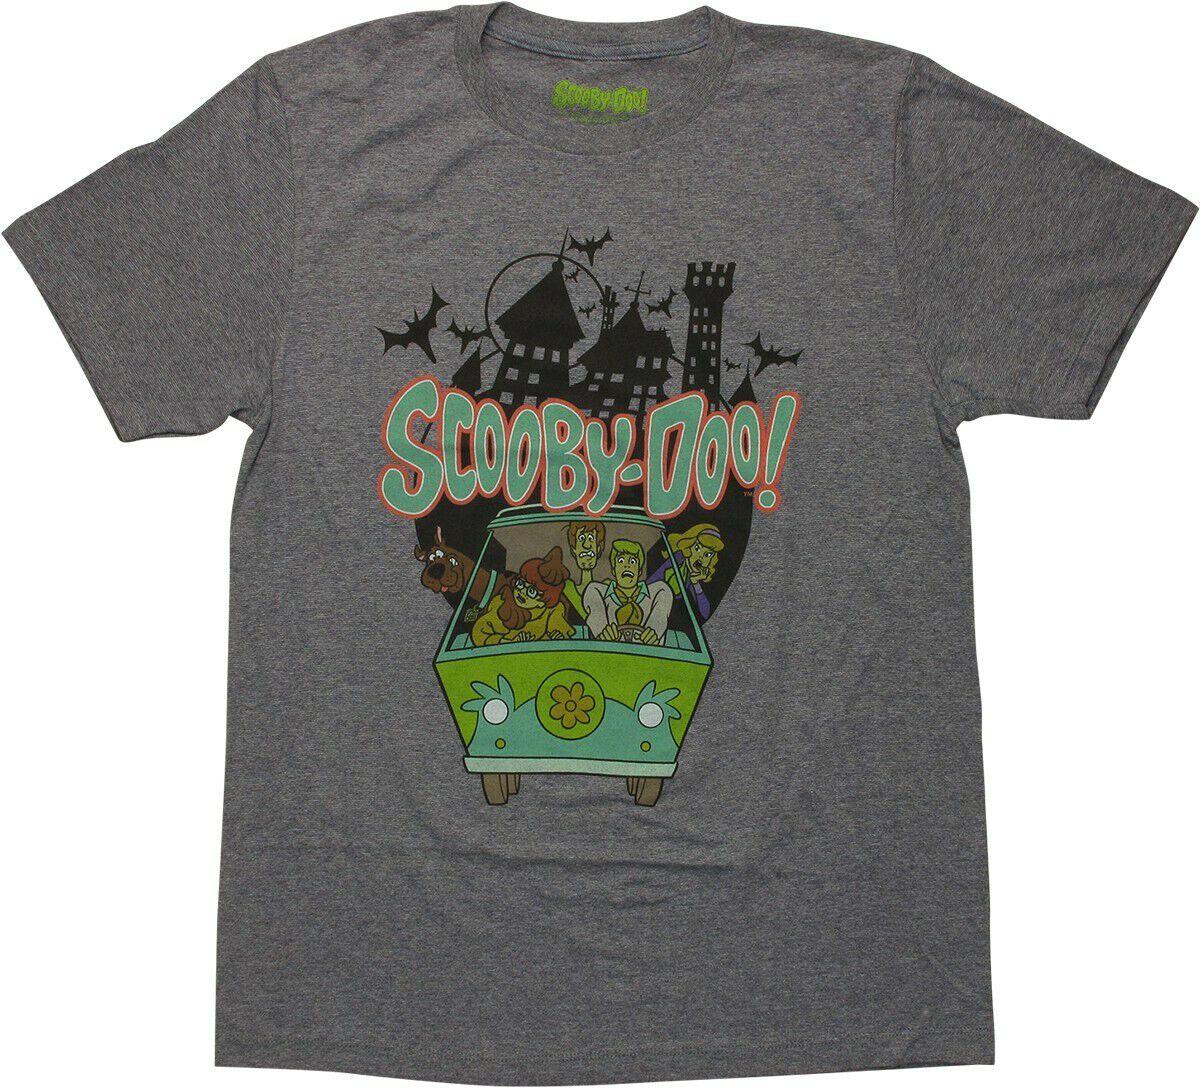 Scooby Doo Mystery Machine Van Castle T-Shirt